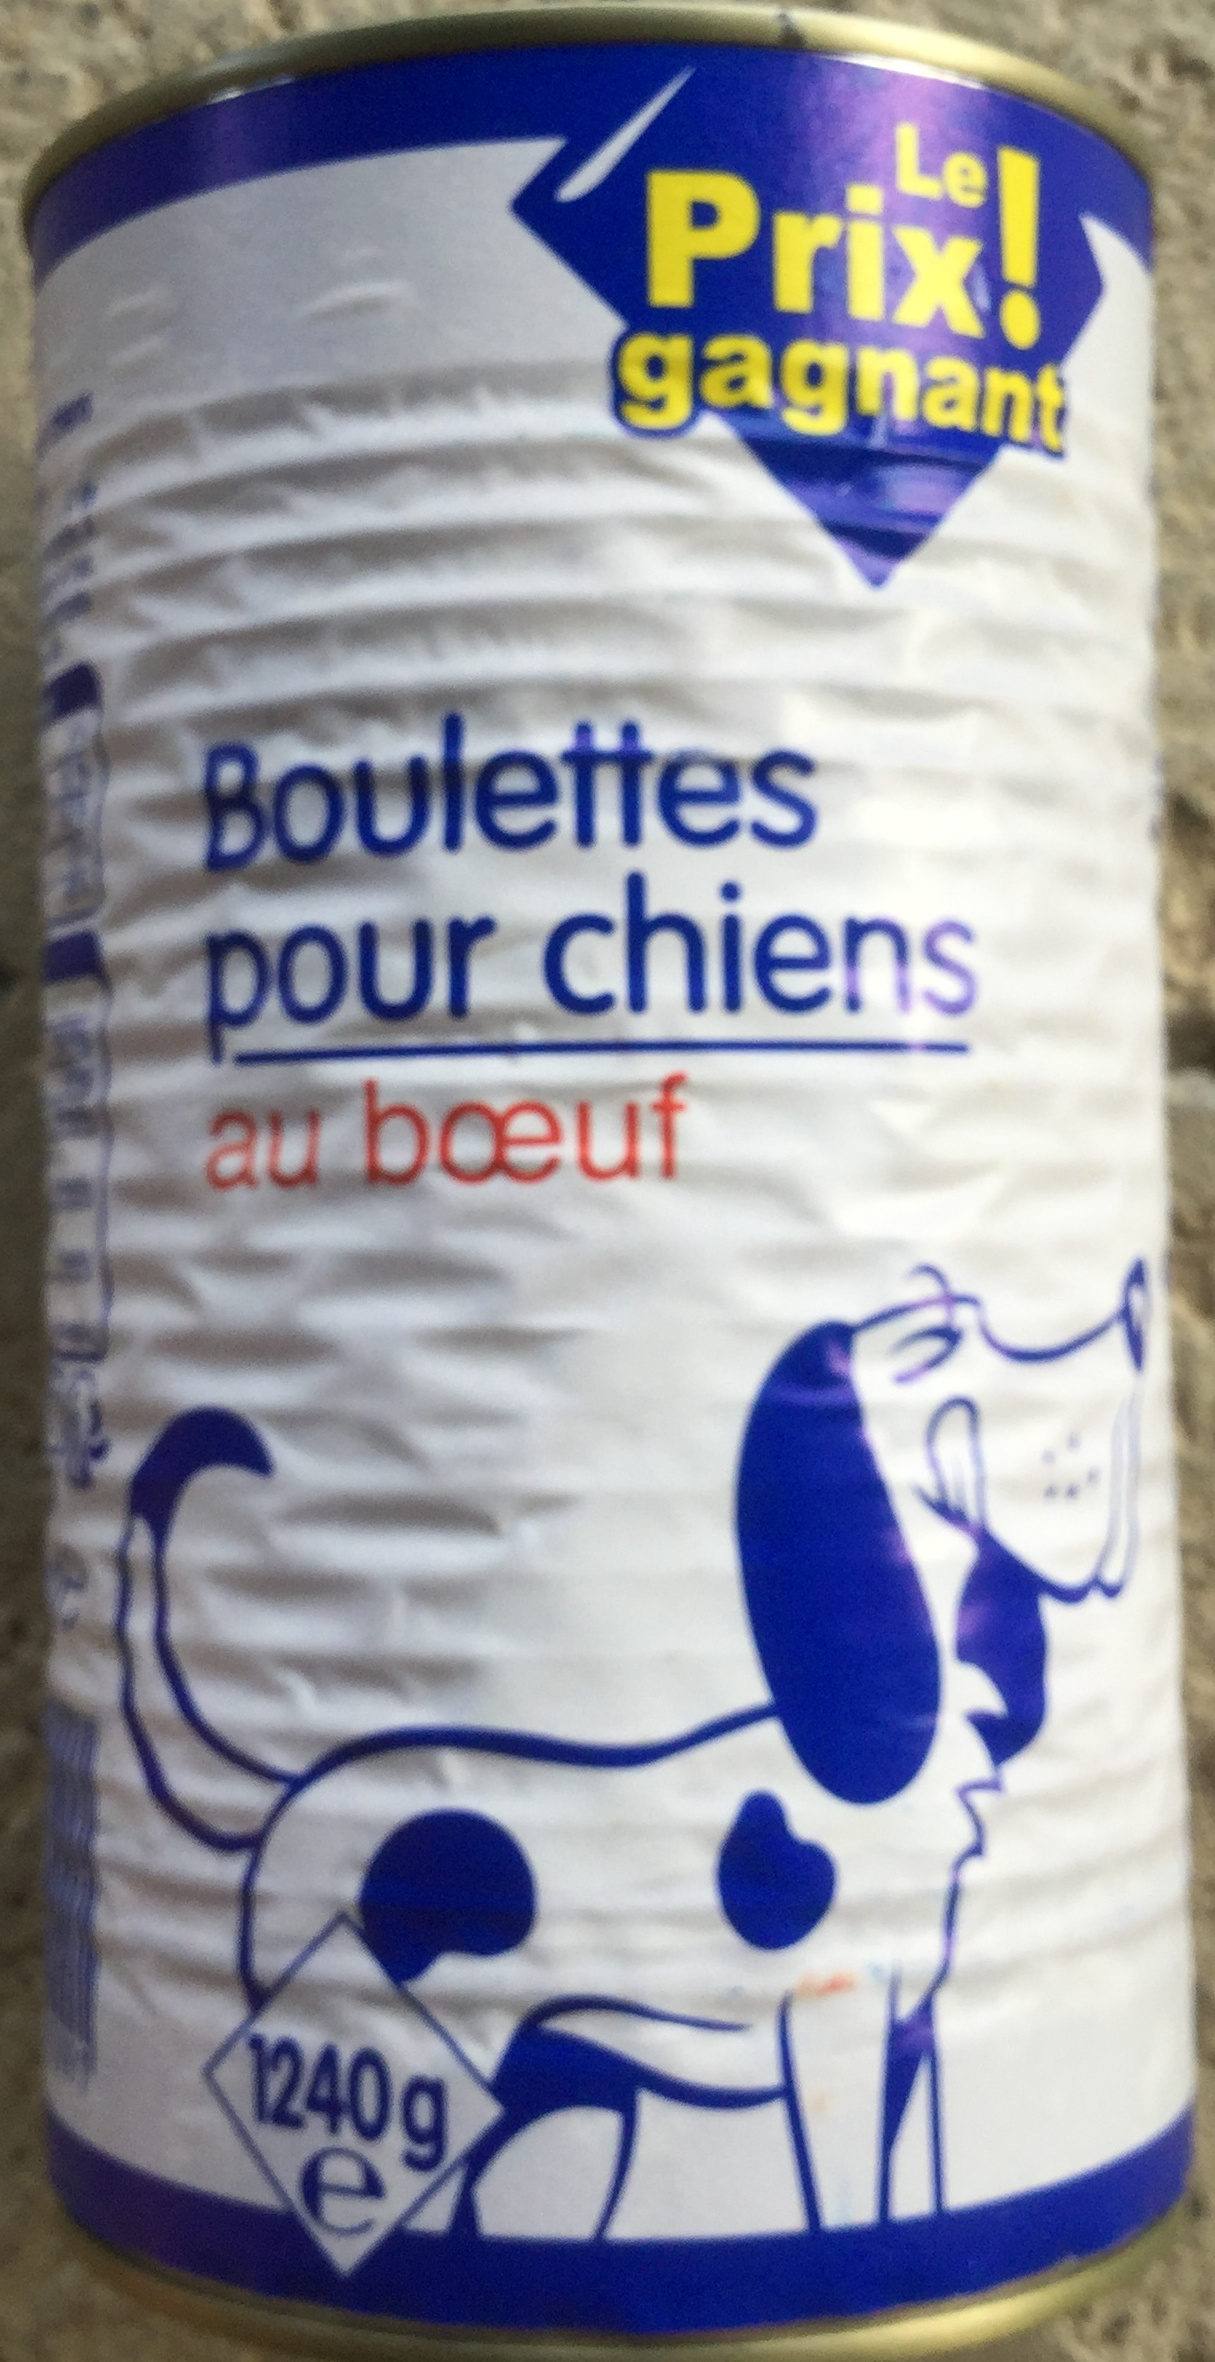 Boulettes pour chiens au bœuf - Product - fr